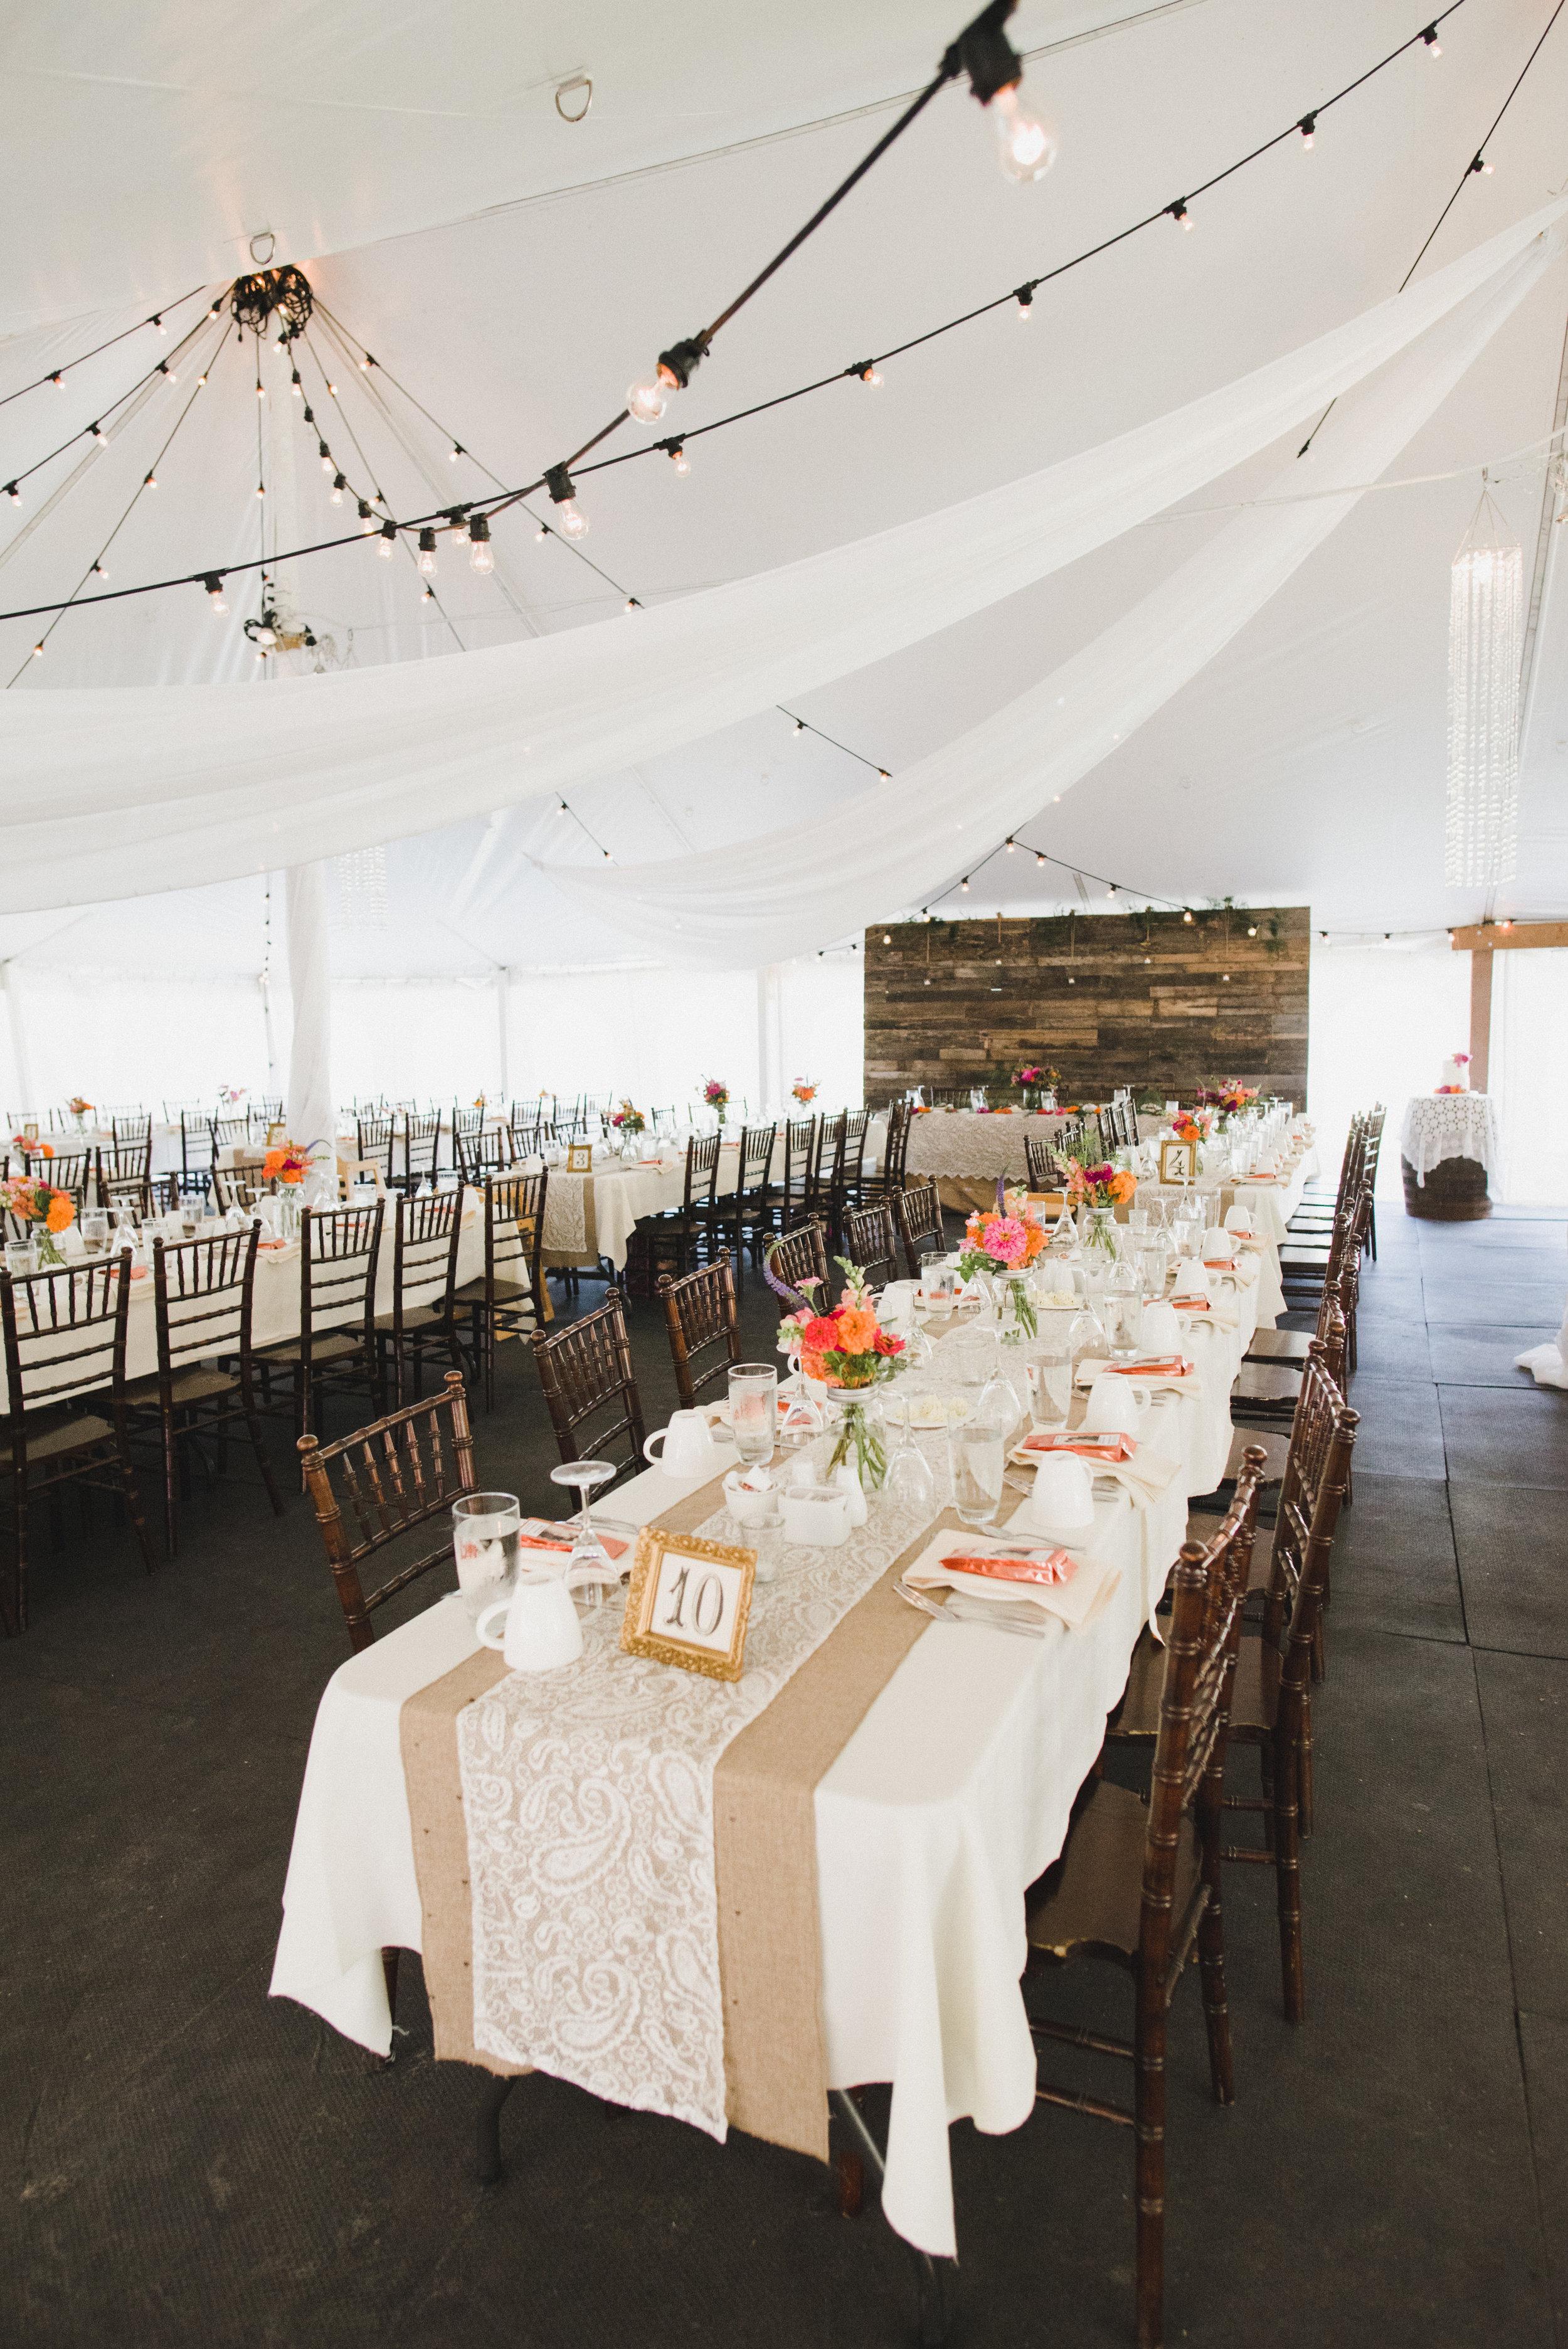 Pineridge Hollow Wedding - Winnipeg Wedding